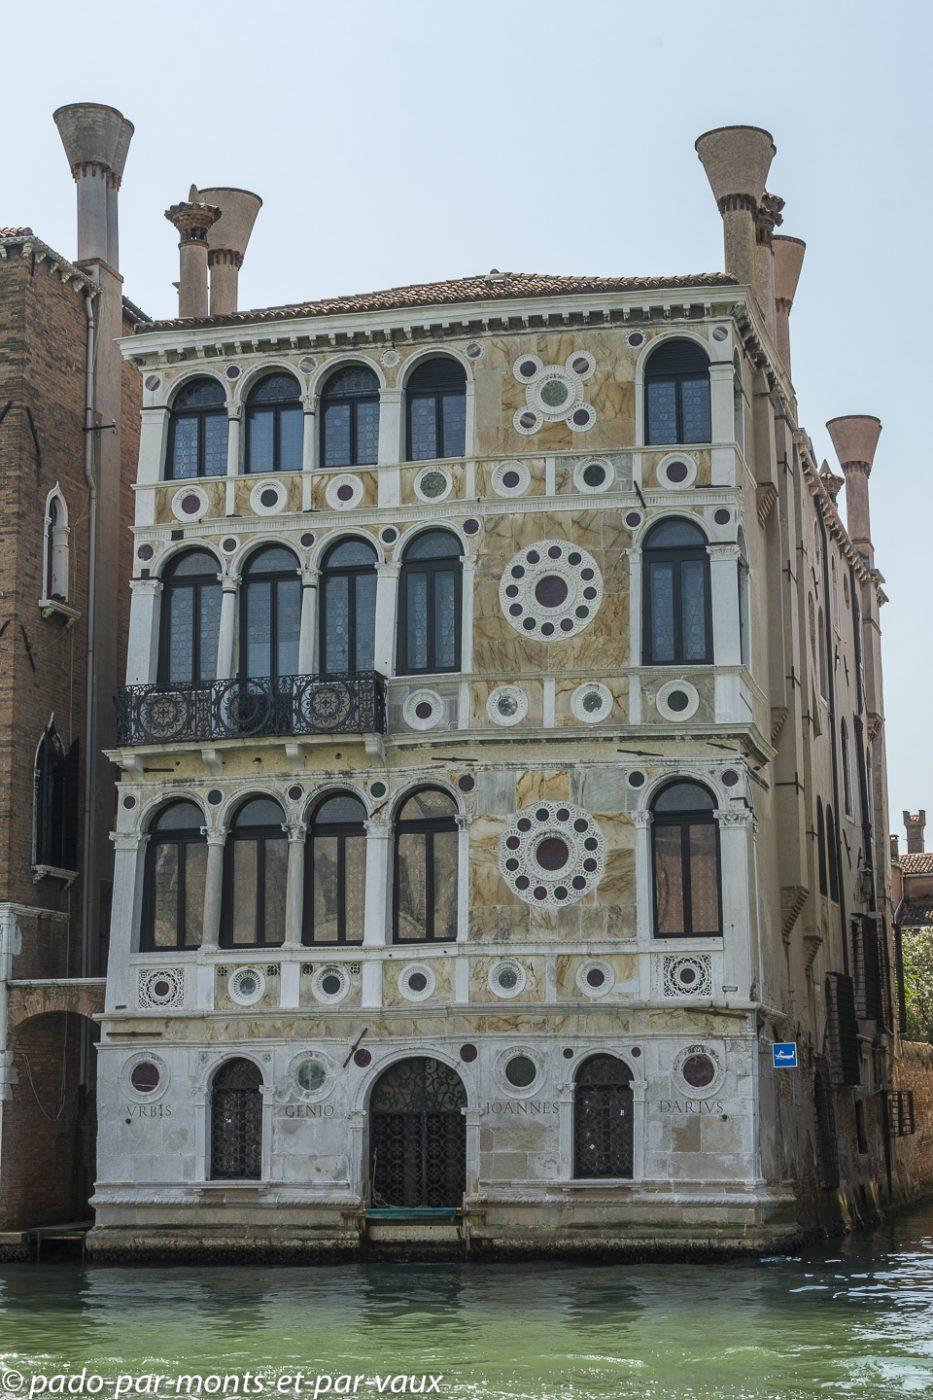 Venise - vue sur le grand canal